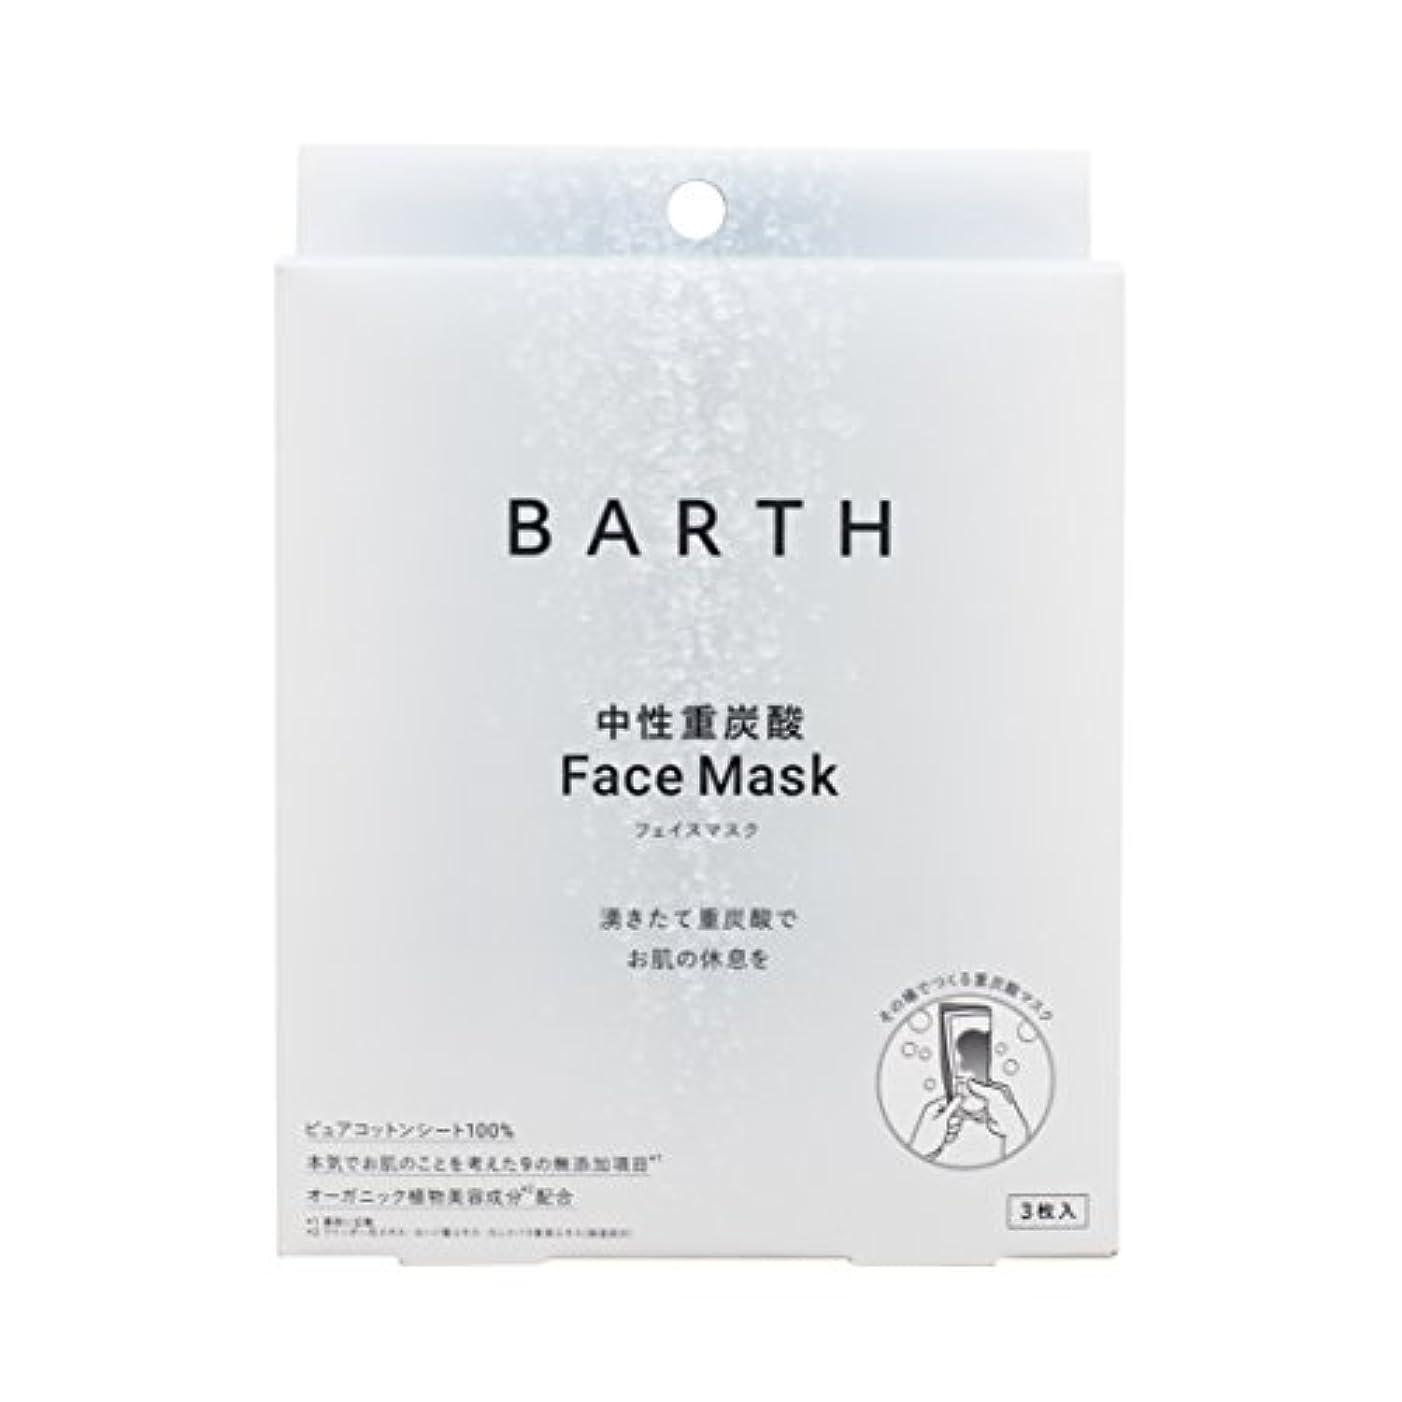 葬儀雇用者教育学BARTH【バース】 中性 重炭酸 フェイスマスク (無添加 日本製 ピュアコットン 100% オーガニック植物美容成分3種入り) (3包入り)